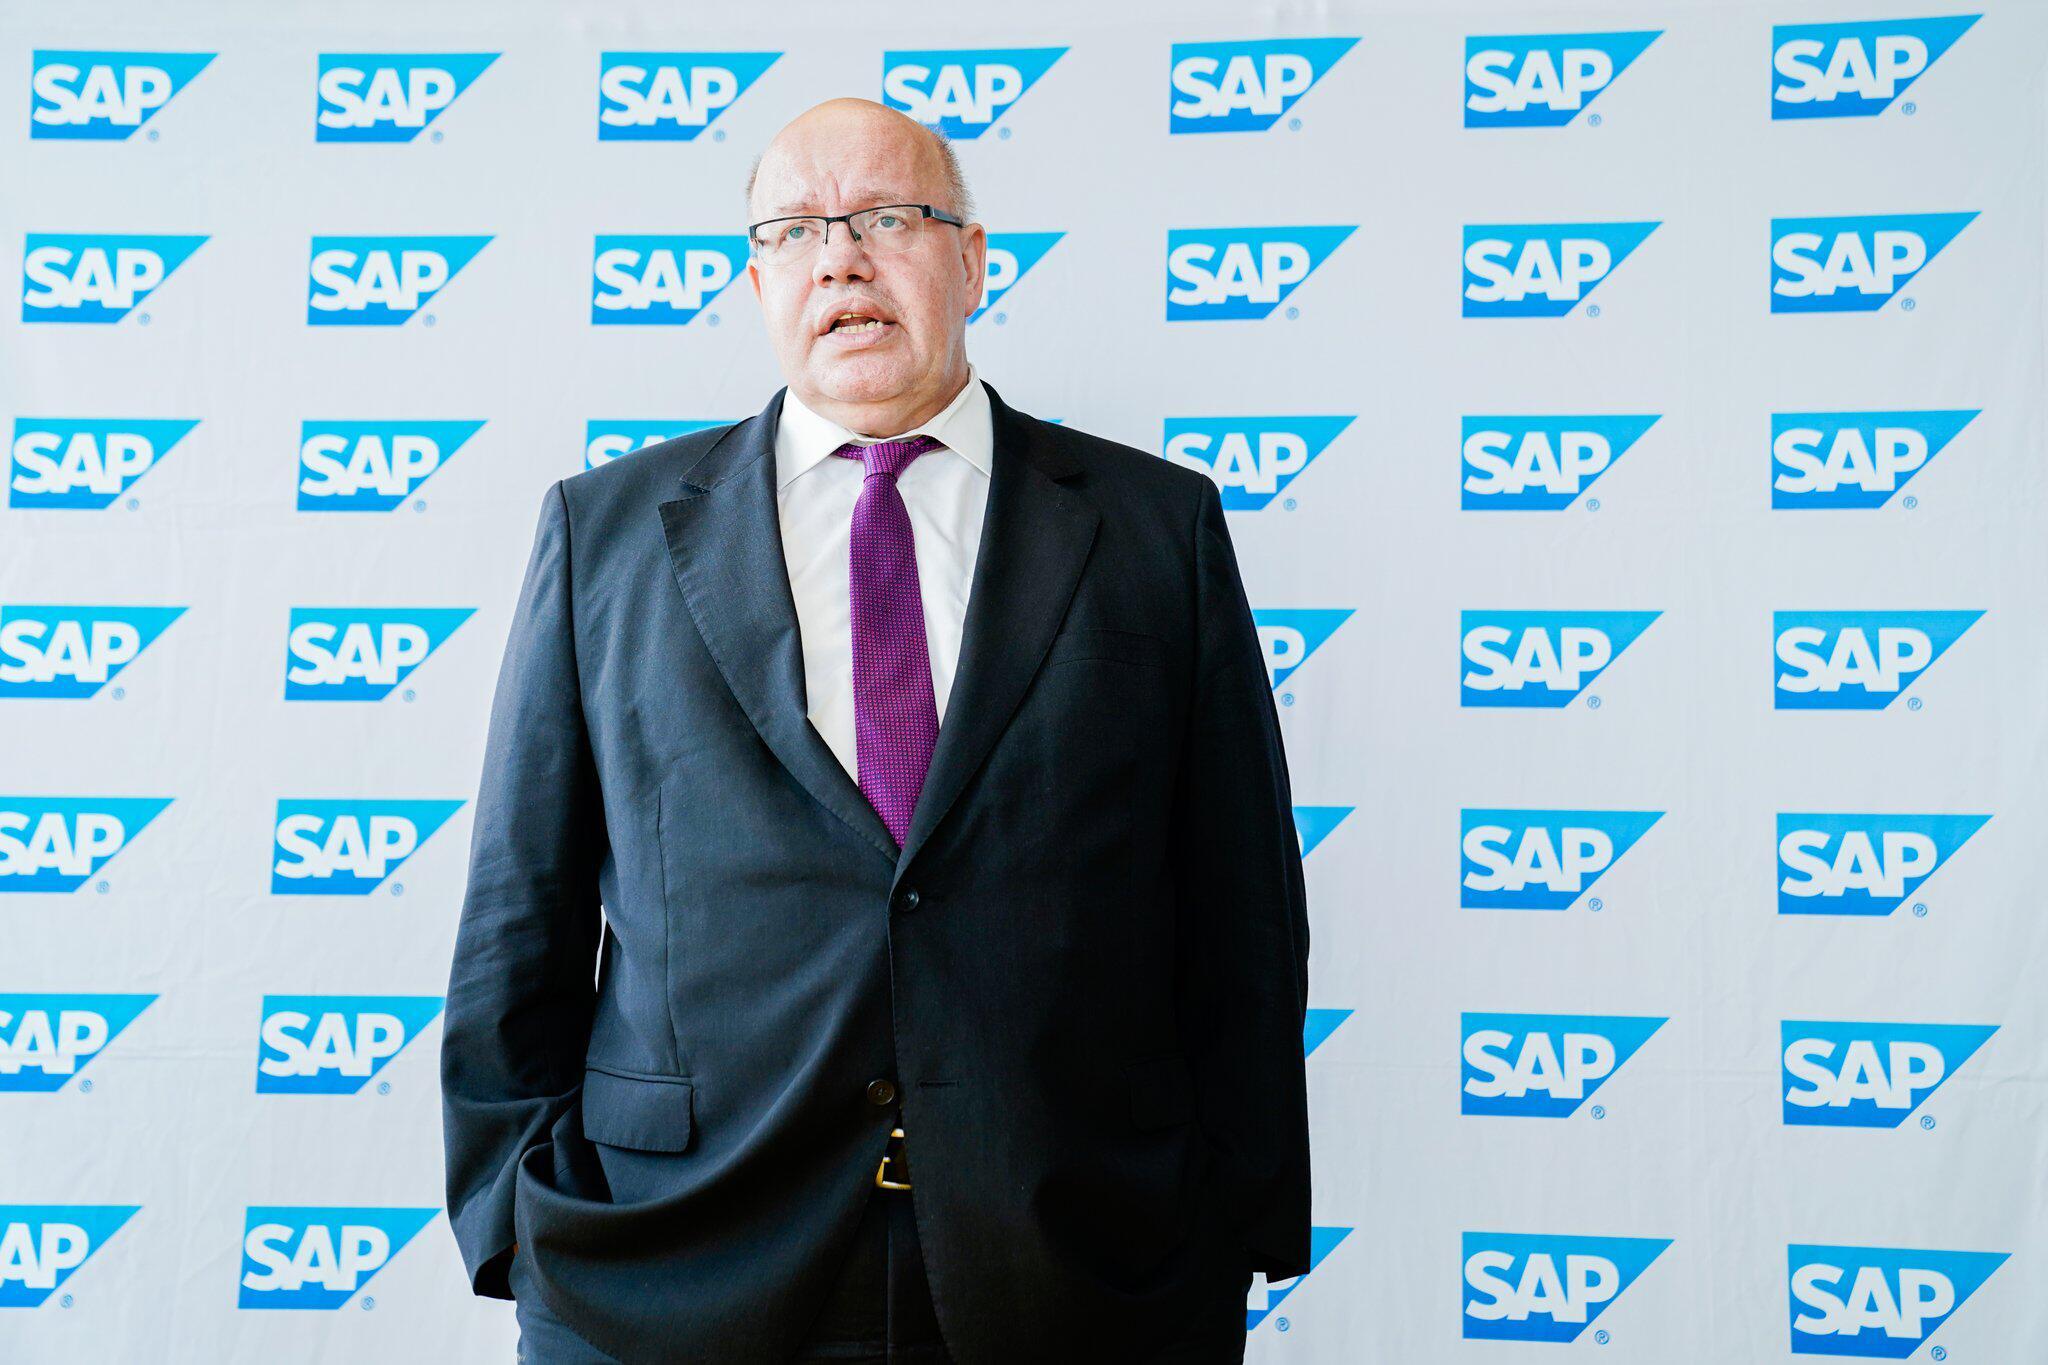 Bild zu SAP Industrie 4.0 Gipfel